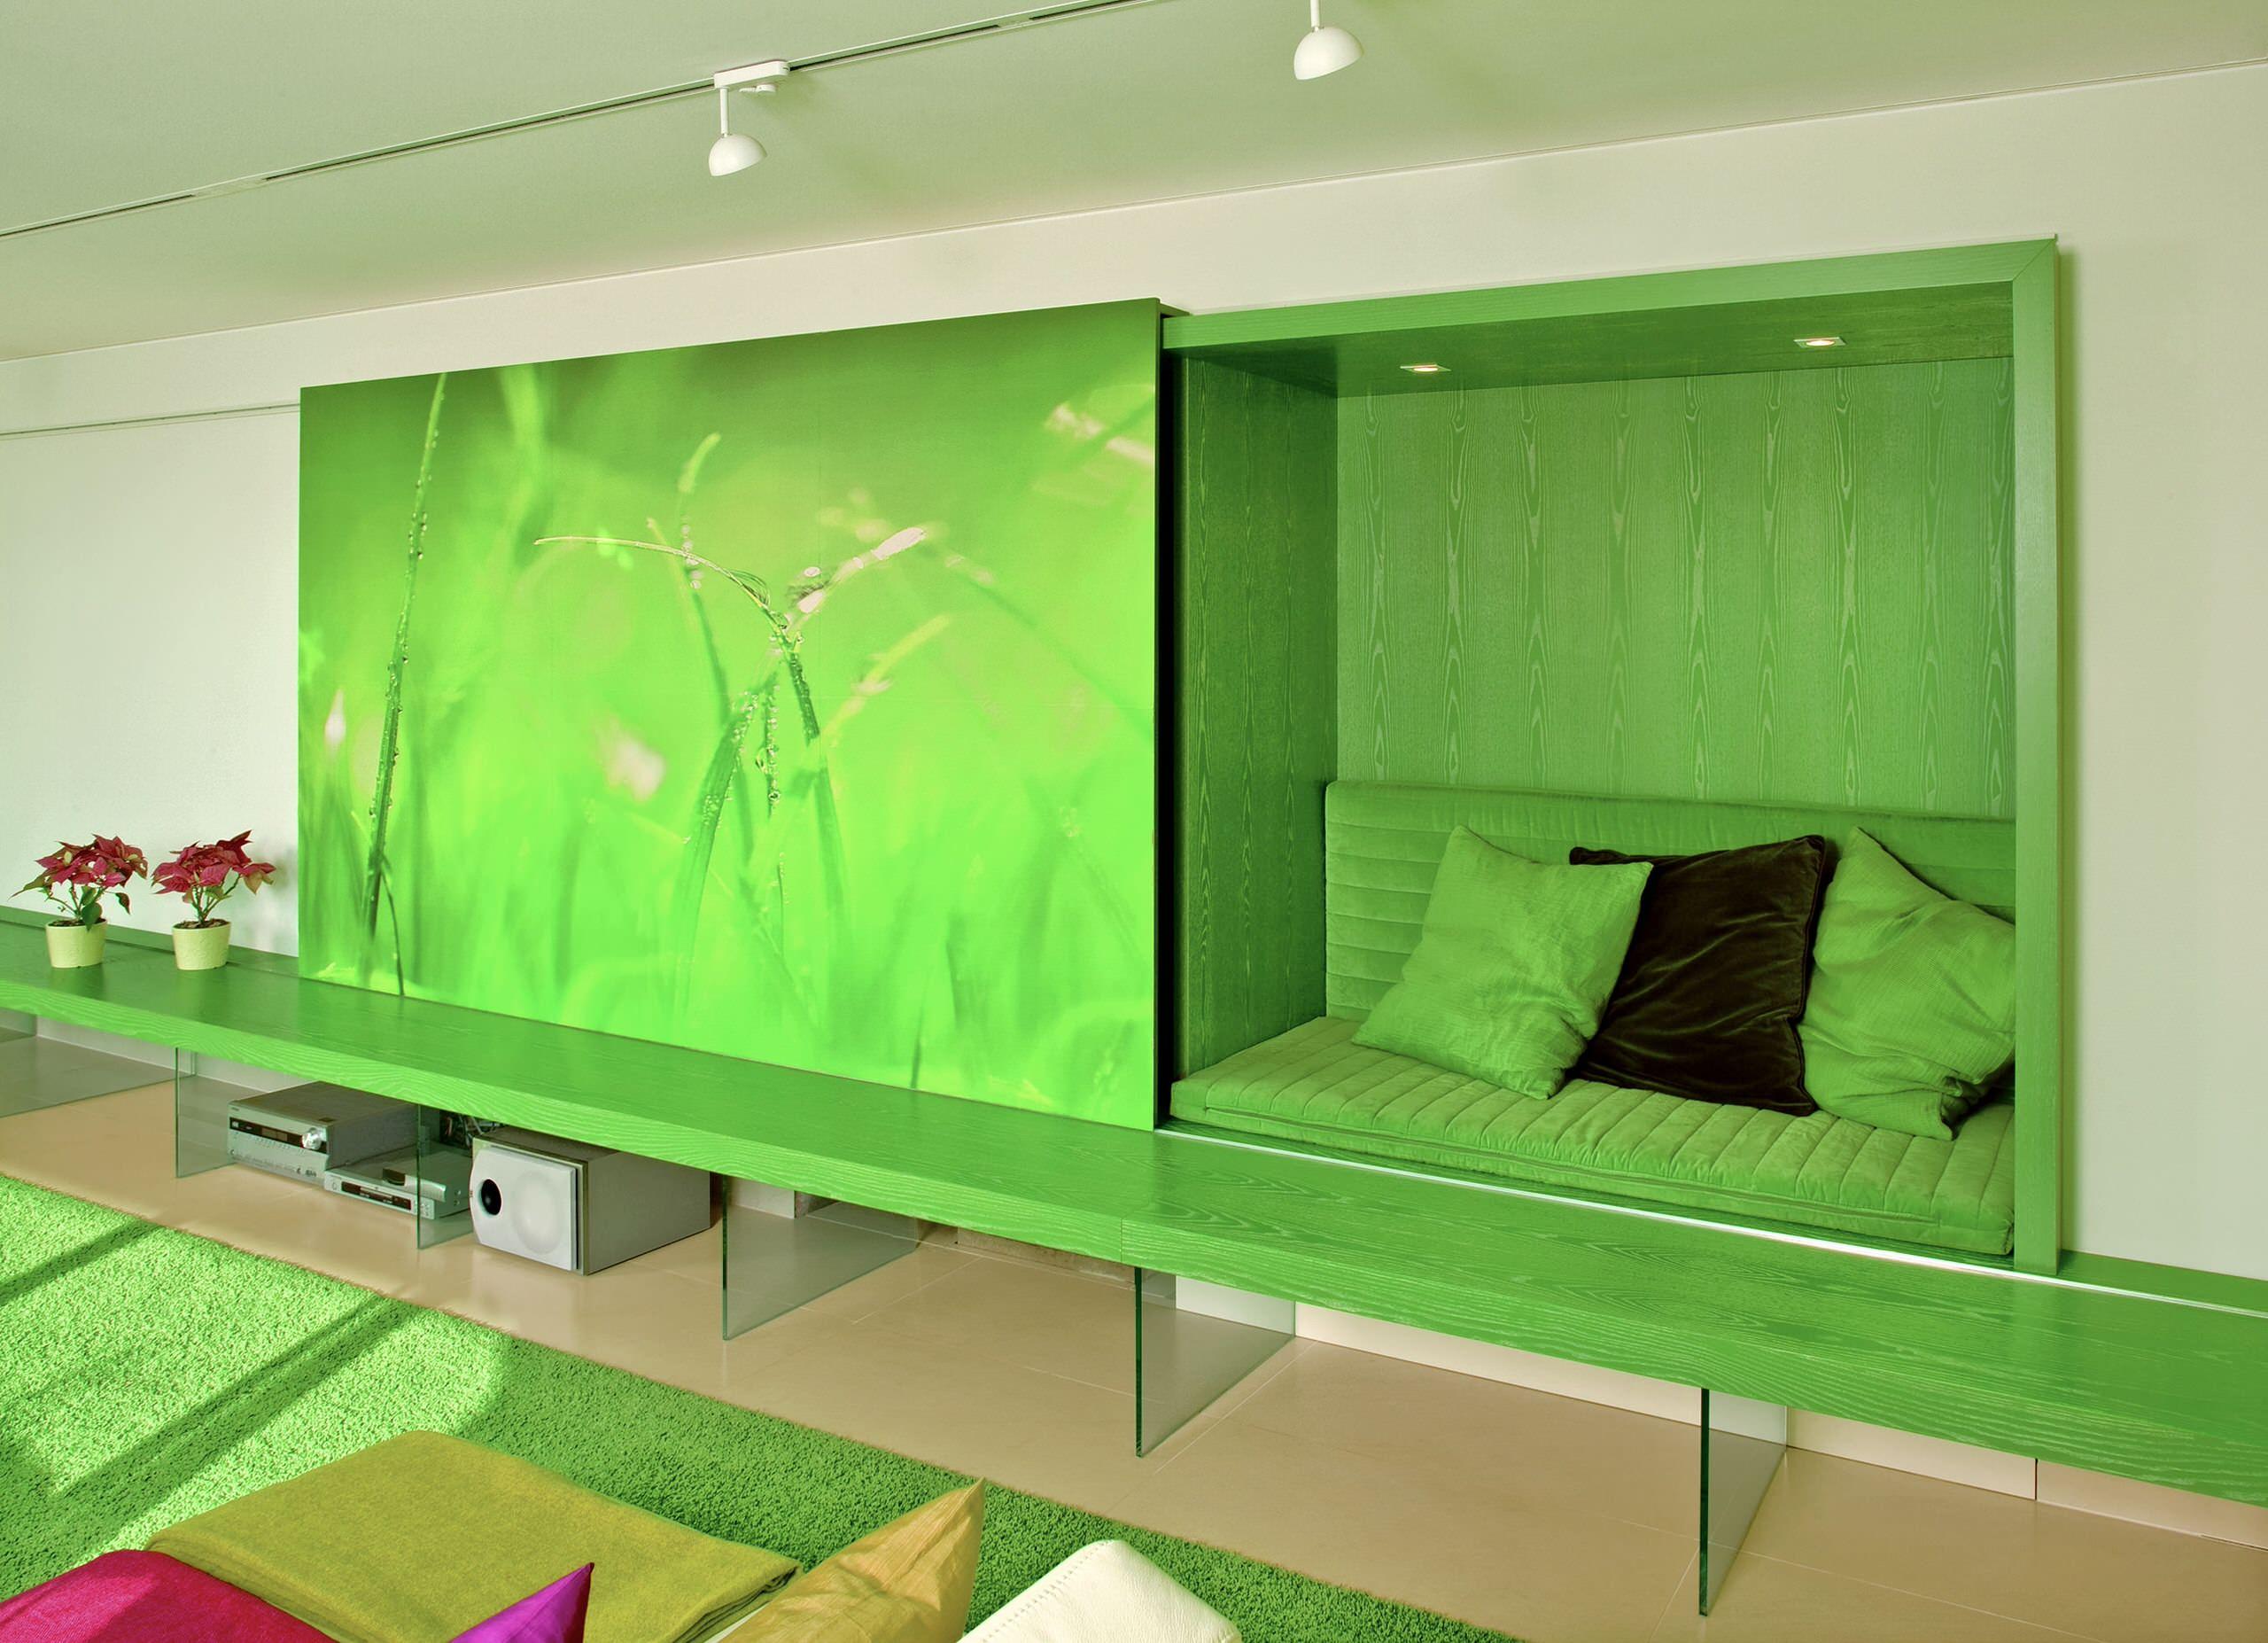 Wohnzimmer, Schiebewand mit Kuschelecke